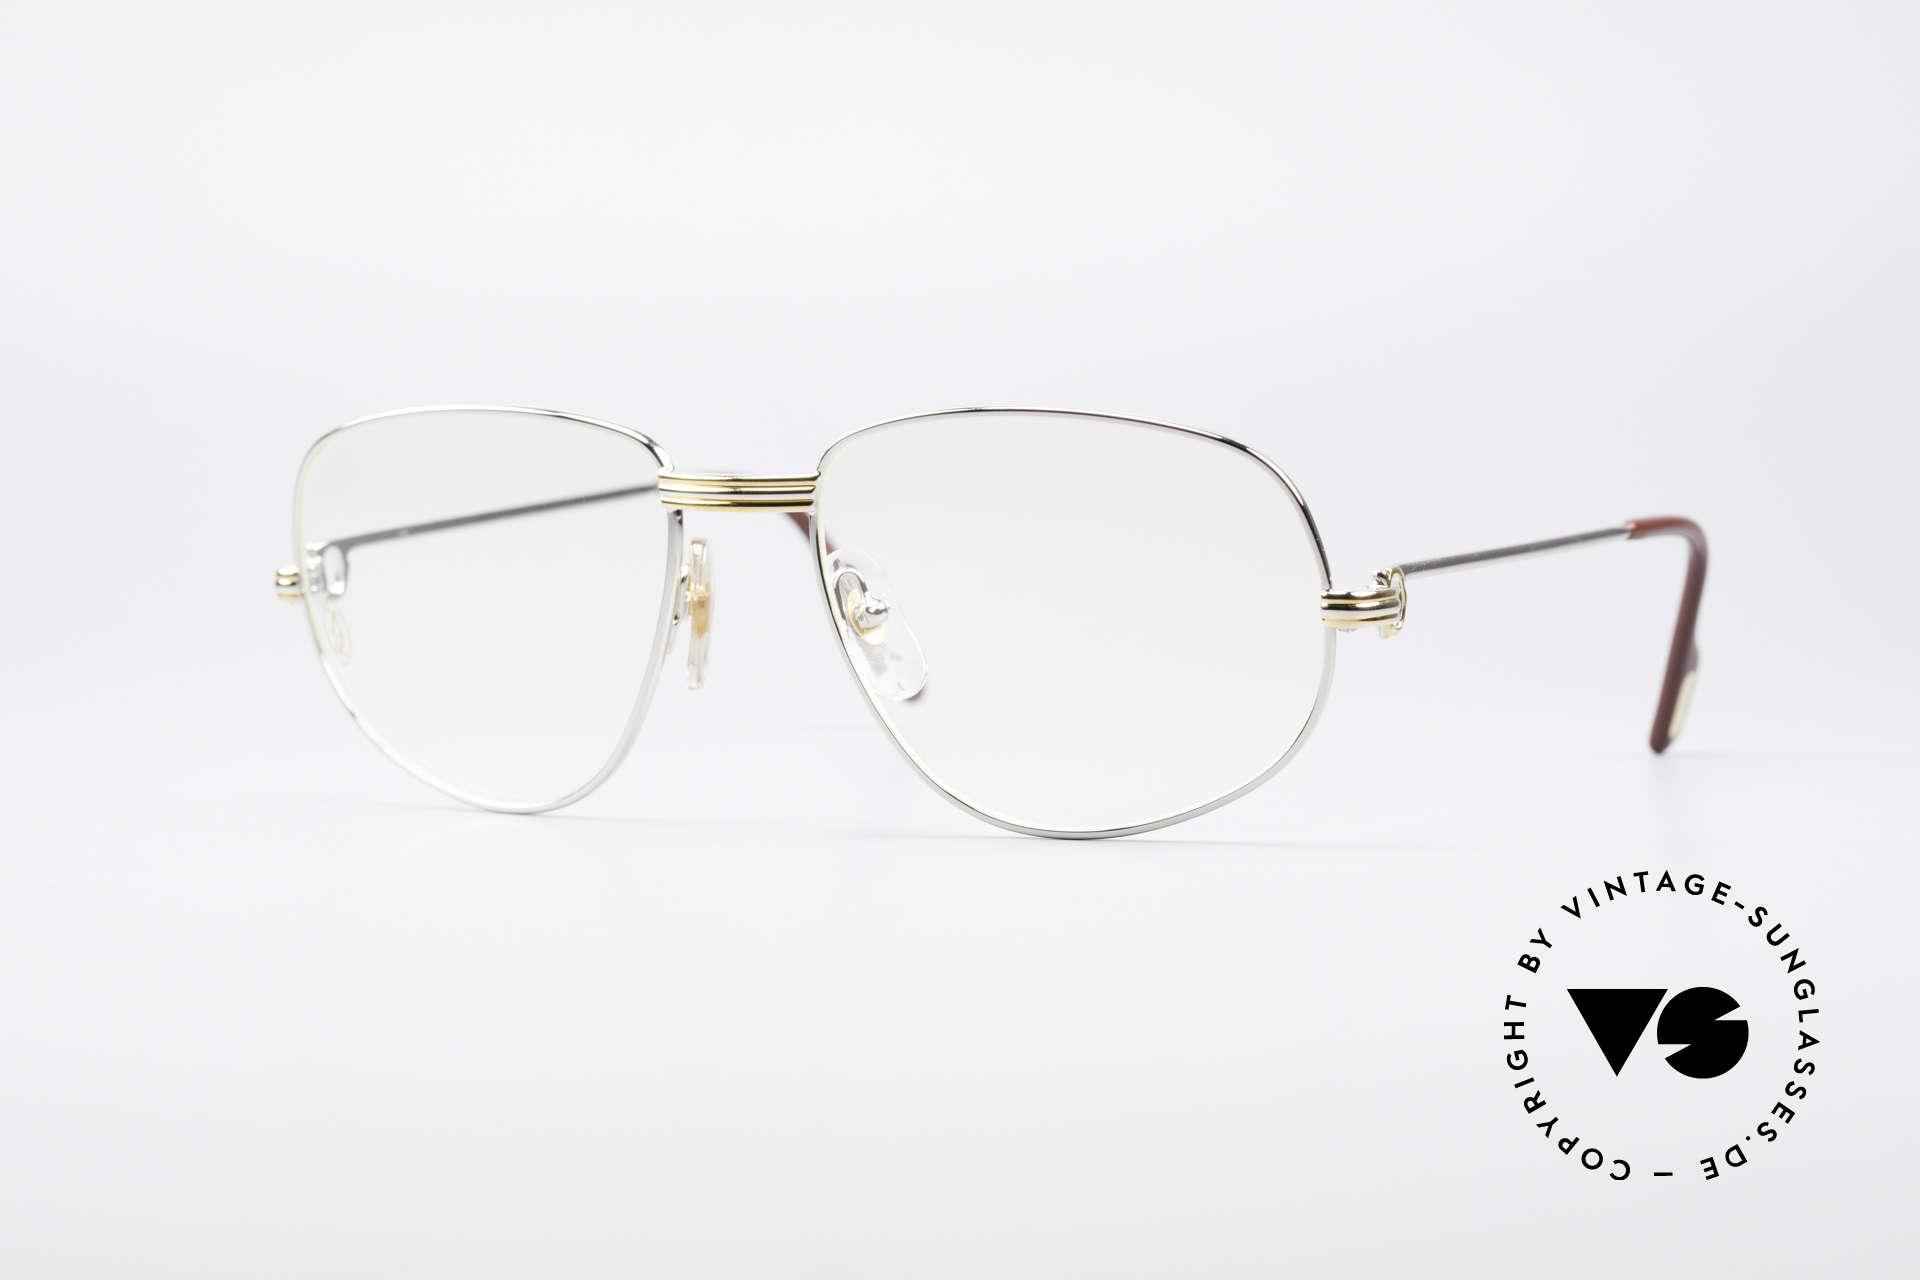 Cartier Romance LC - L Platinum Finish Frame, vintage Cartier eyeglasses; model ROMANCE Louis Cartier, Made for Men